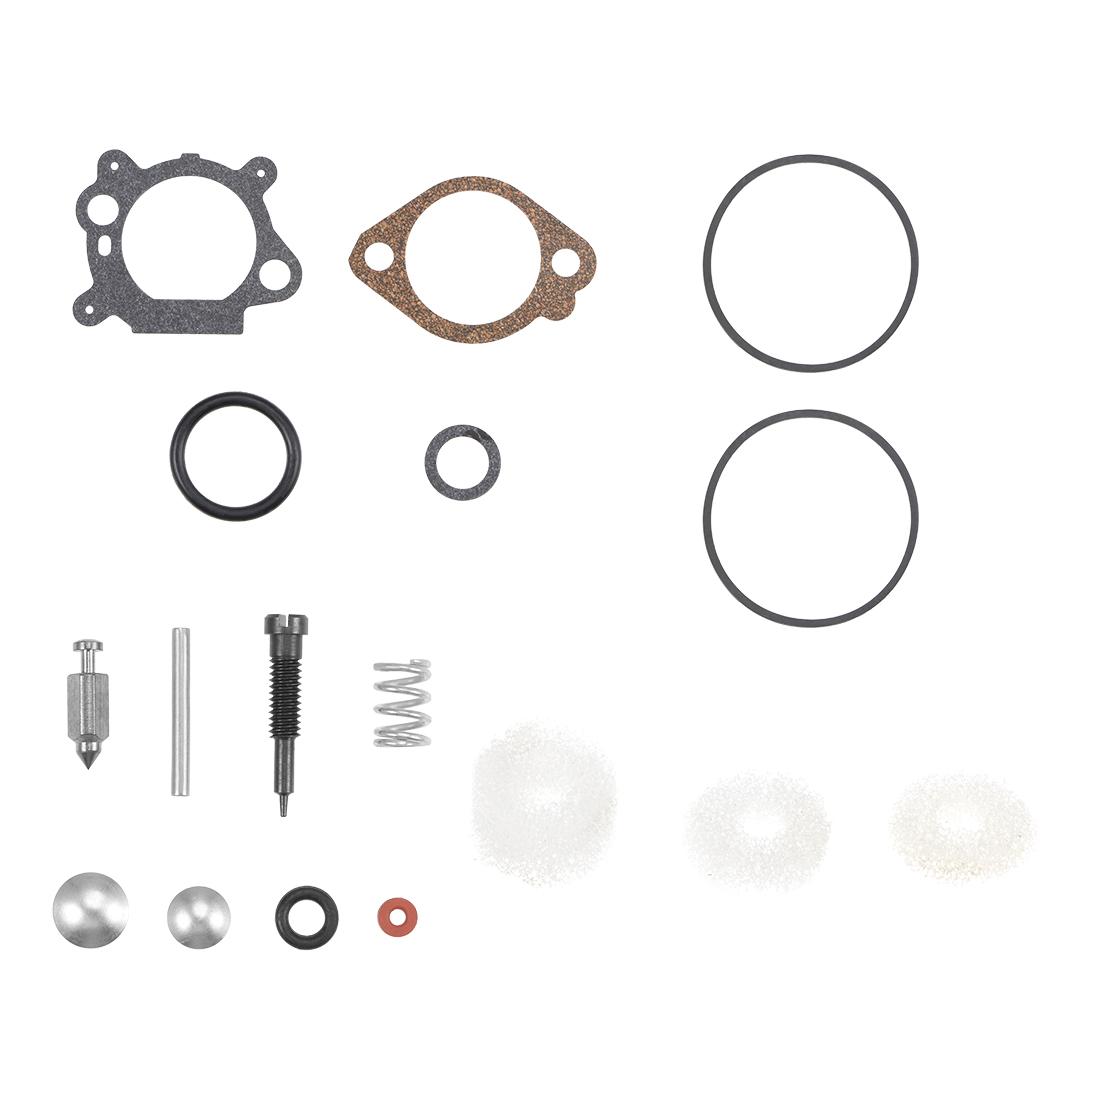 493640 Carburetor Rebuild Kit Gasket Diaphragm for 796611 398191 498260 Carb